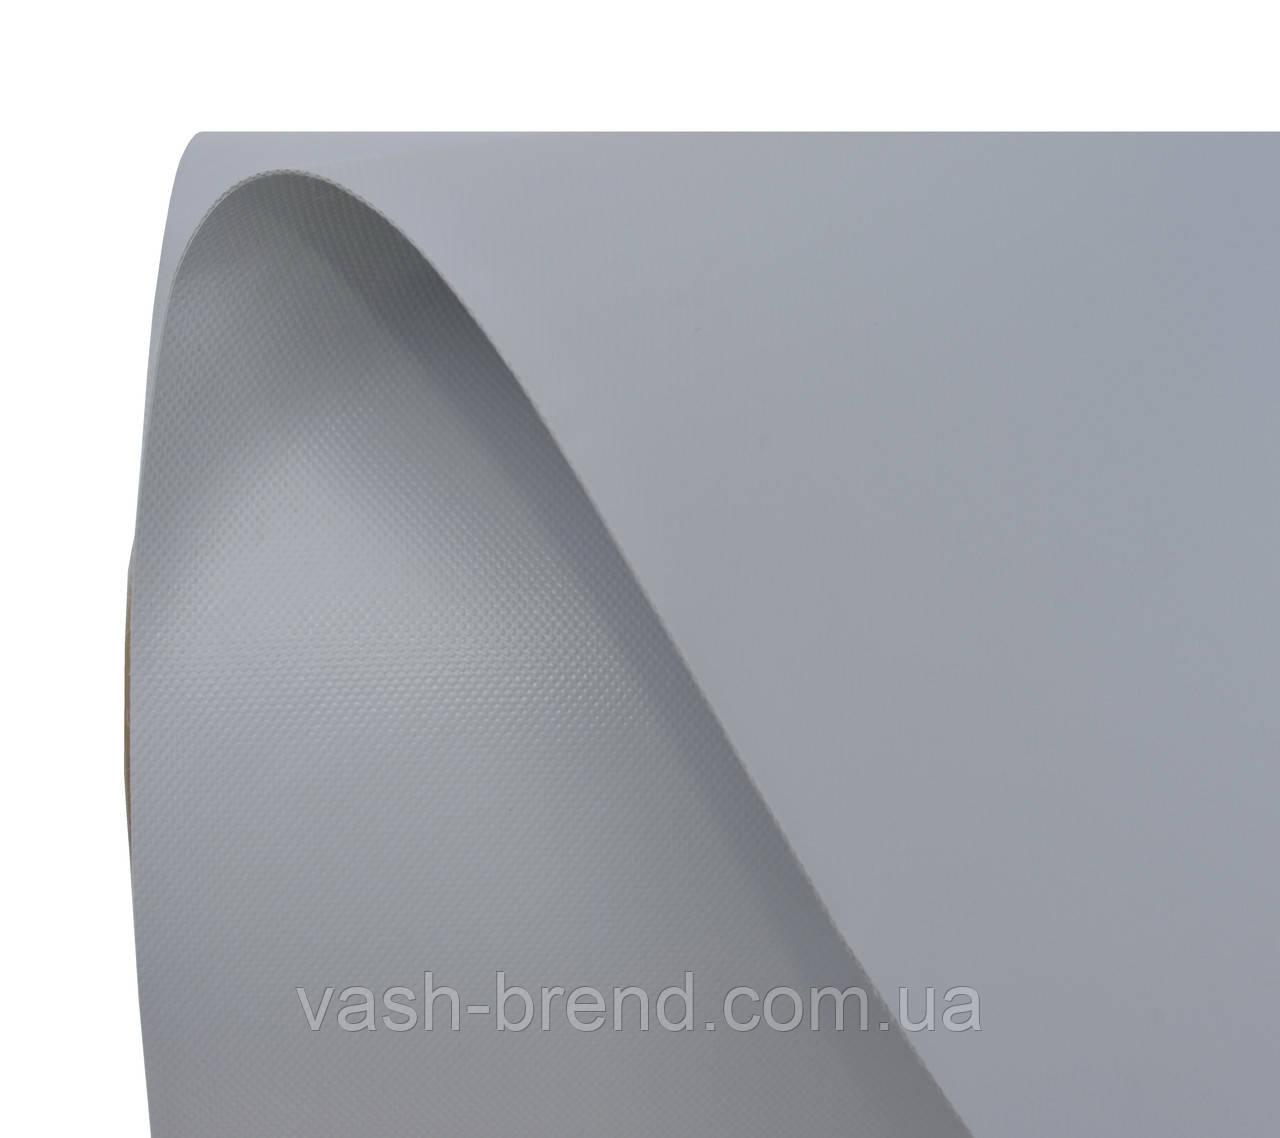 Ткань ПВХ (PVC) 50х2,05м светло-серая, 950гр рулон